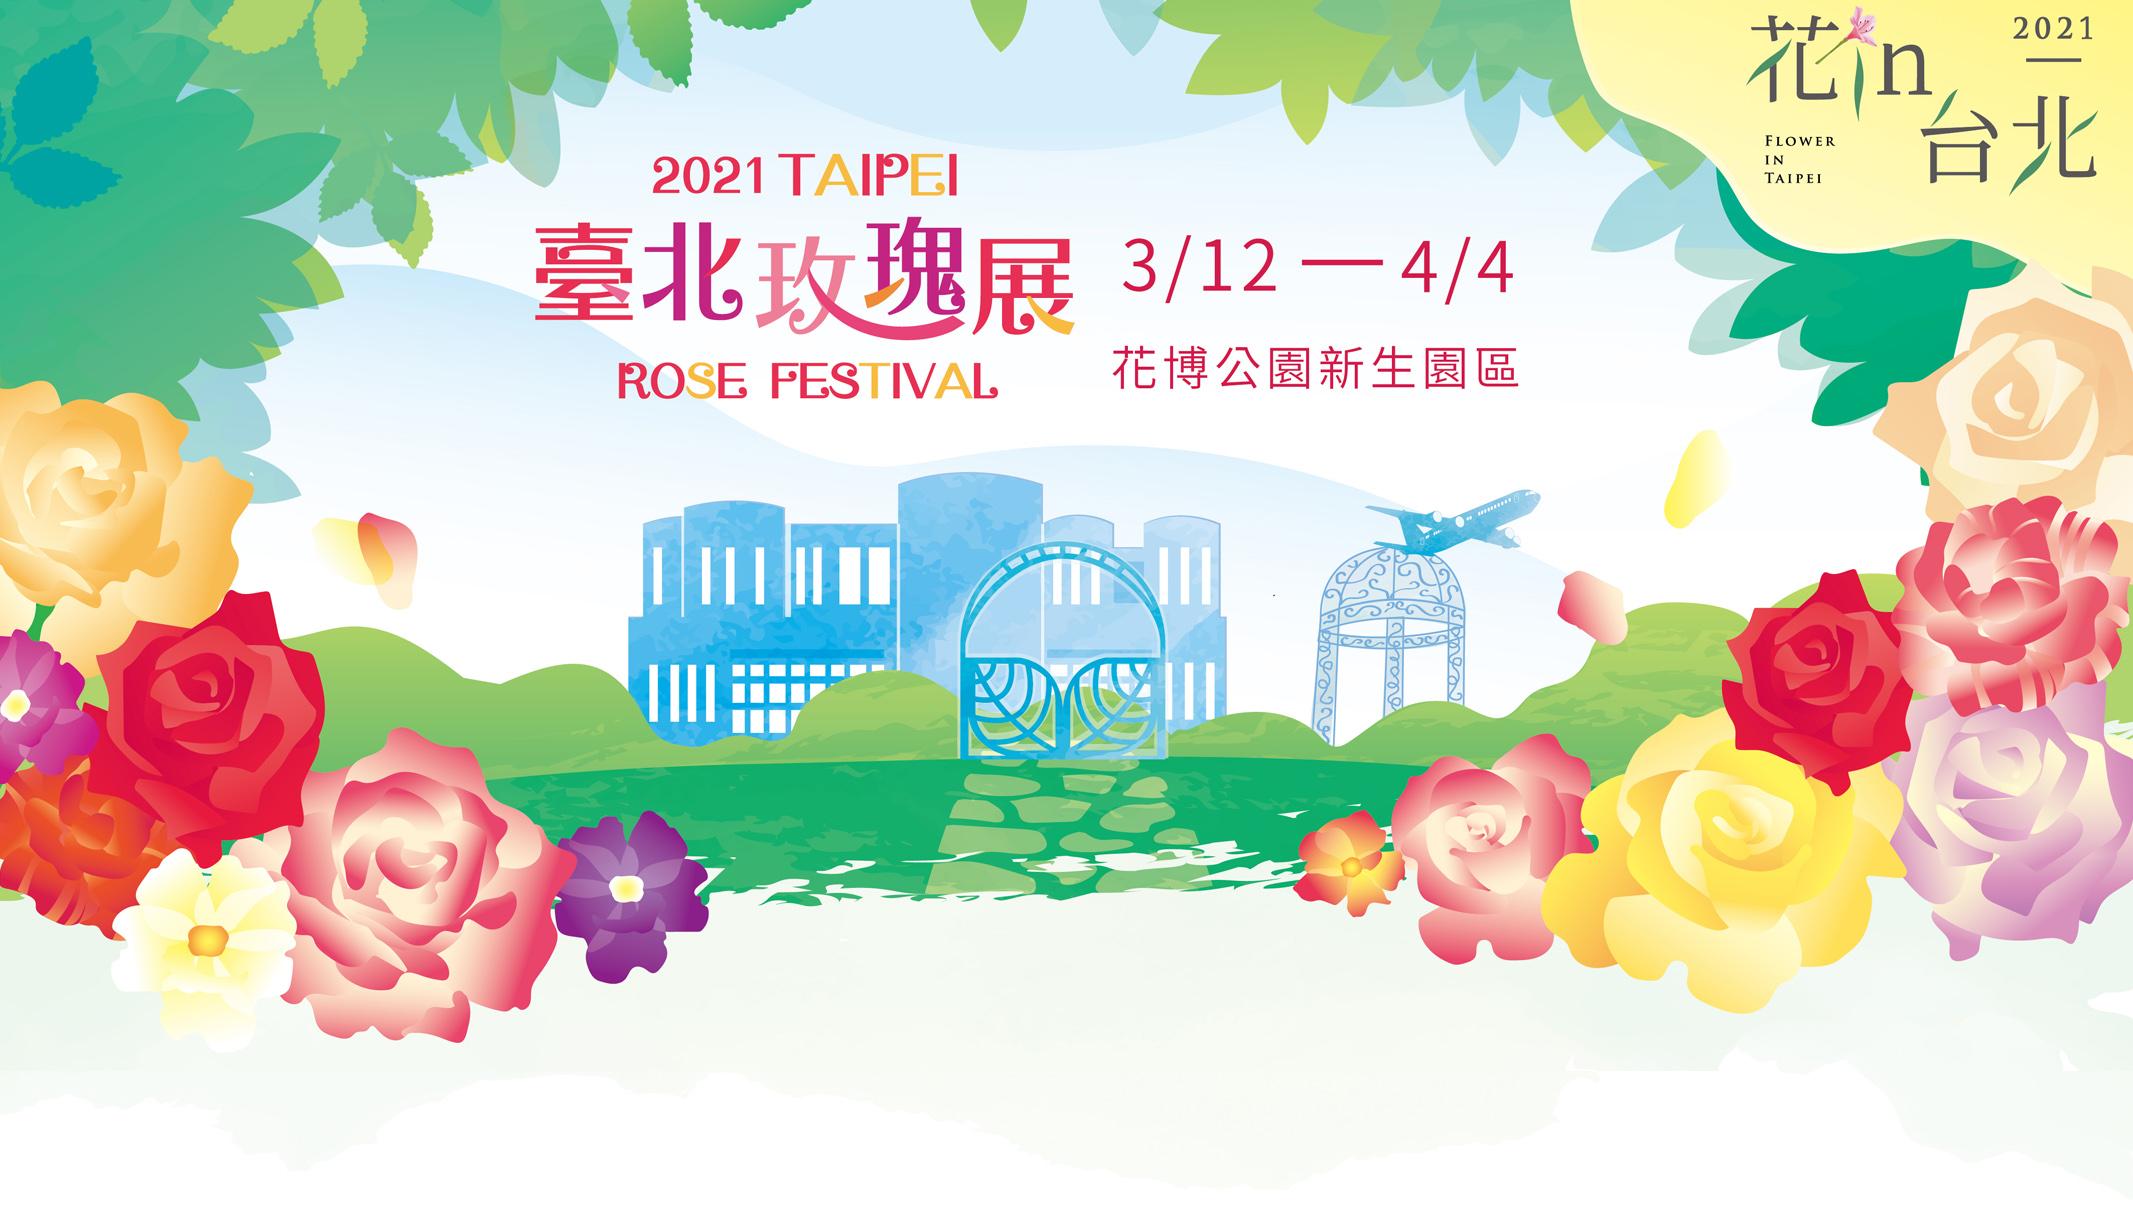 2021臺北玫瑰展。最浪漫高貴的大衛奧斯汀玫瑰|超過700種玫瑰展至4/4